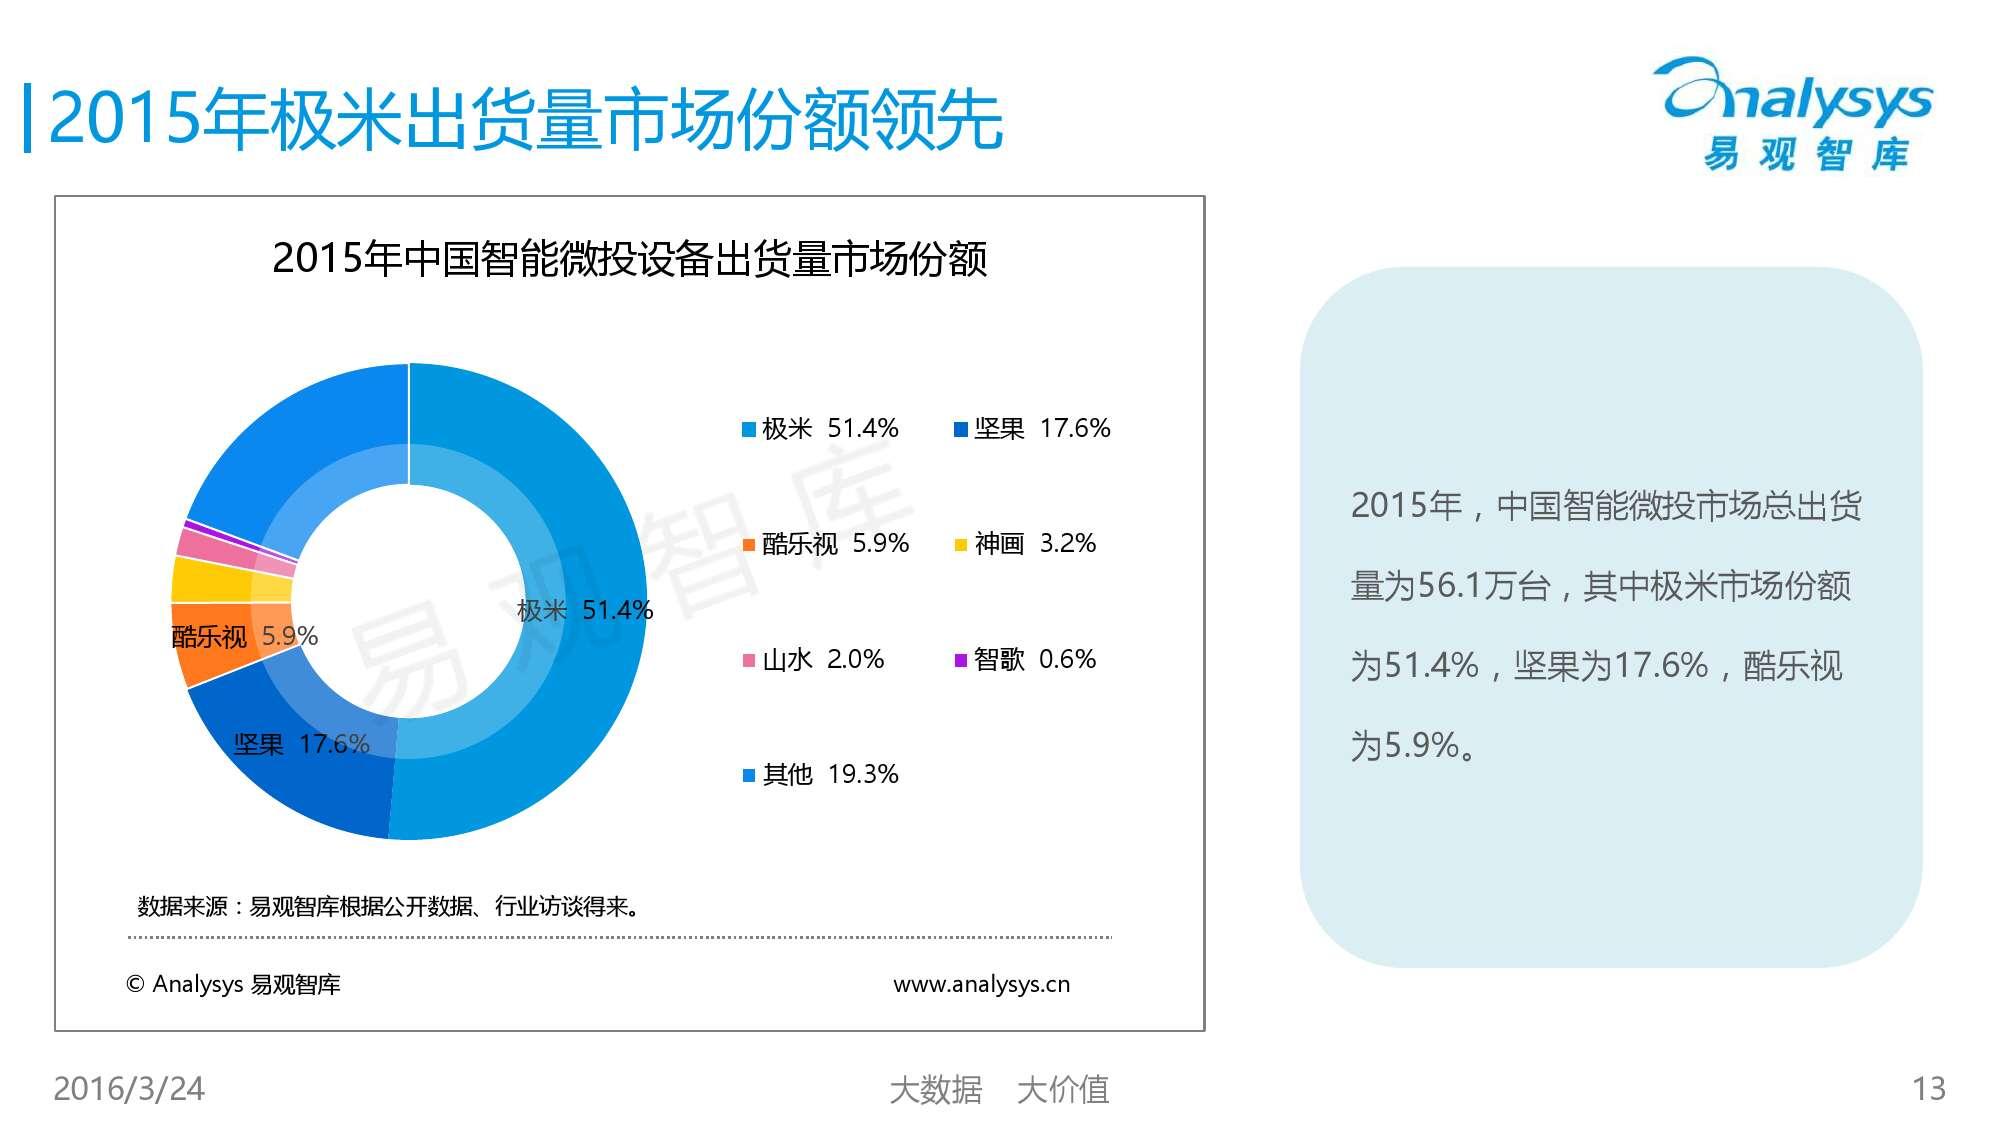 中国智能微投市场专题研究报告2016_000013